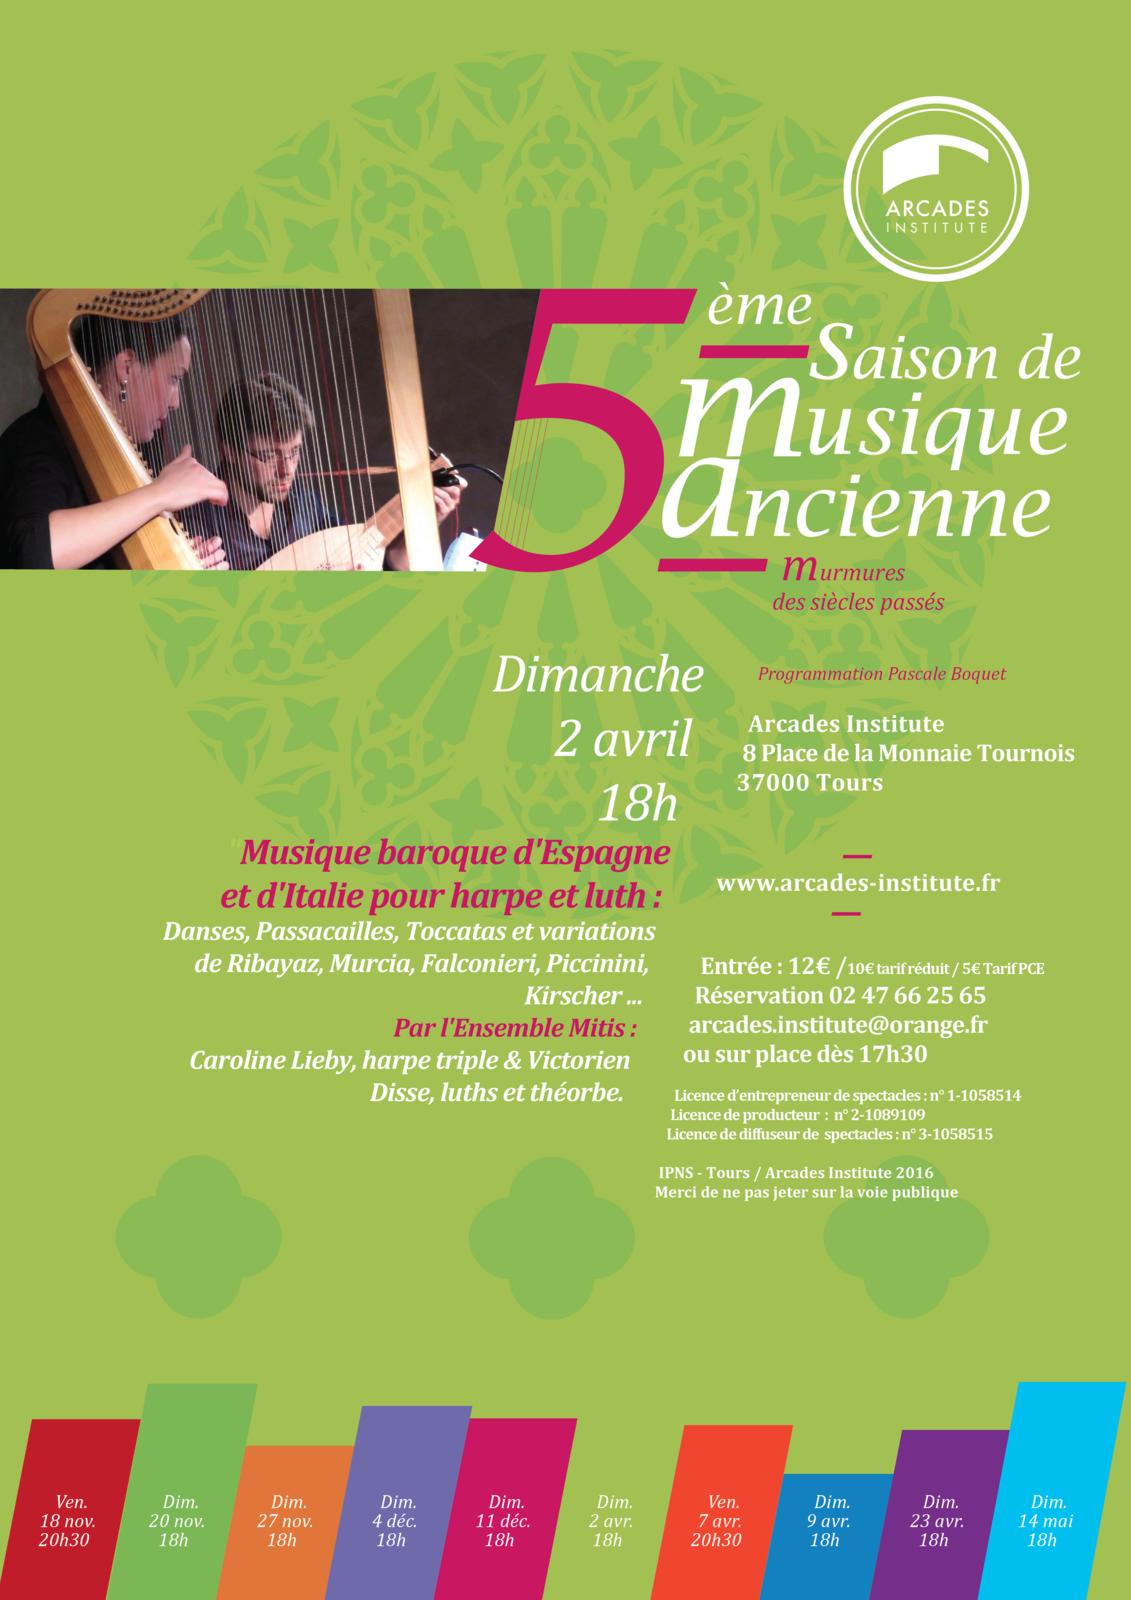 dimanche 2 Avril 18h  Musique Baroque Espagnole et Italienne